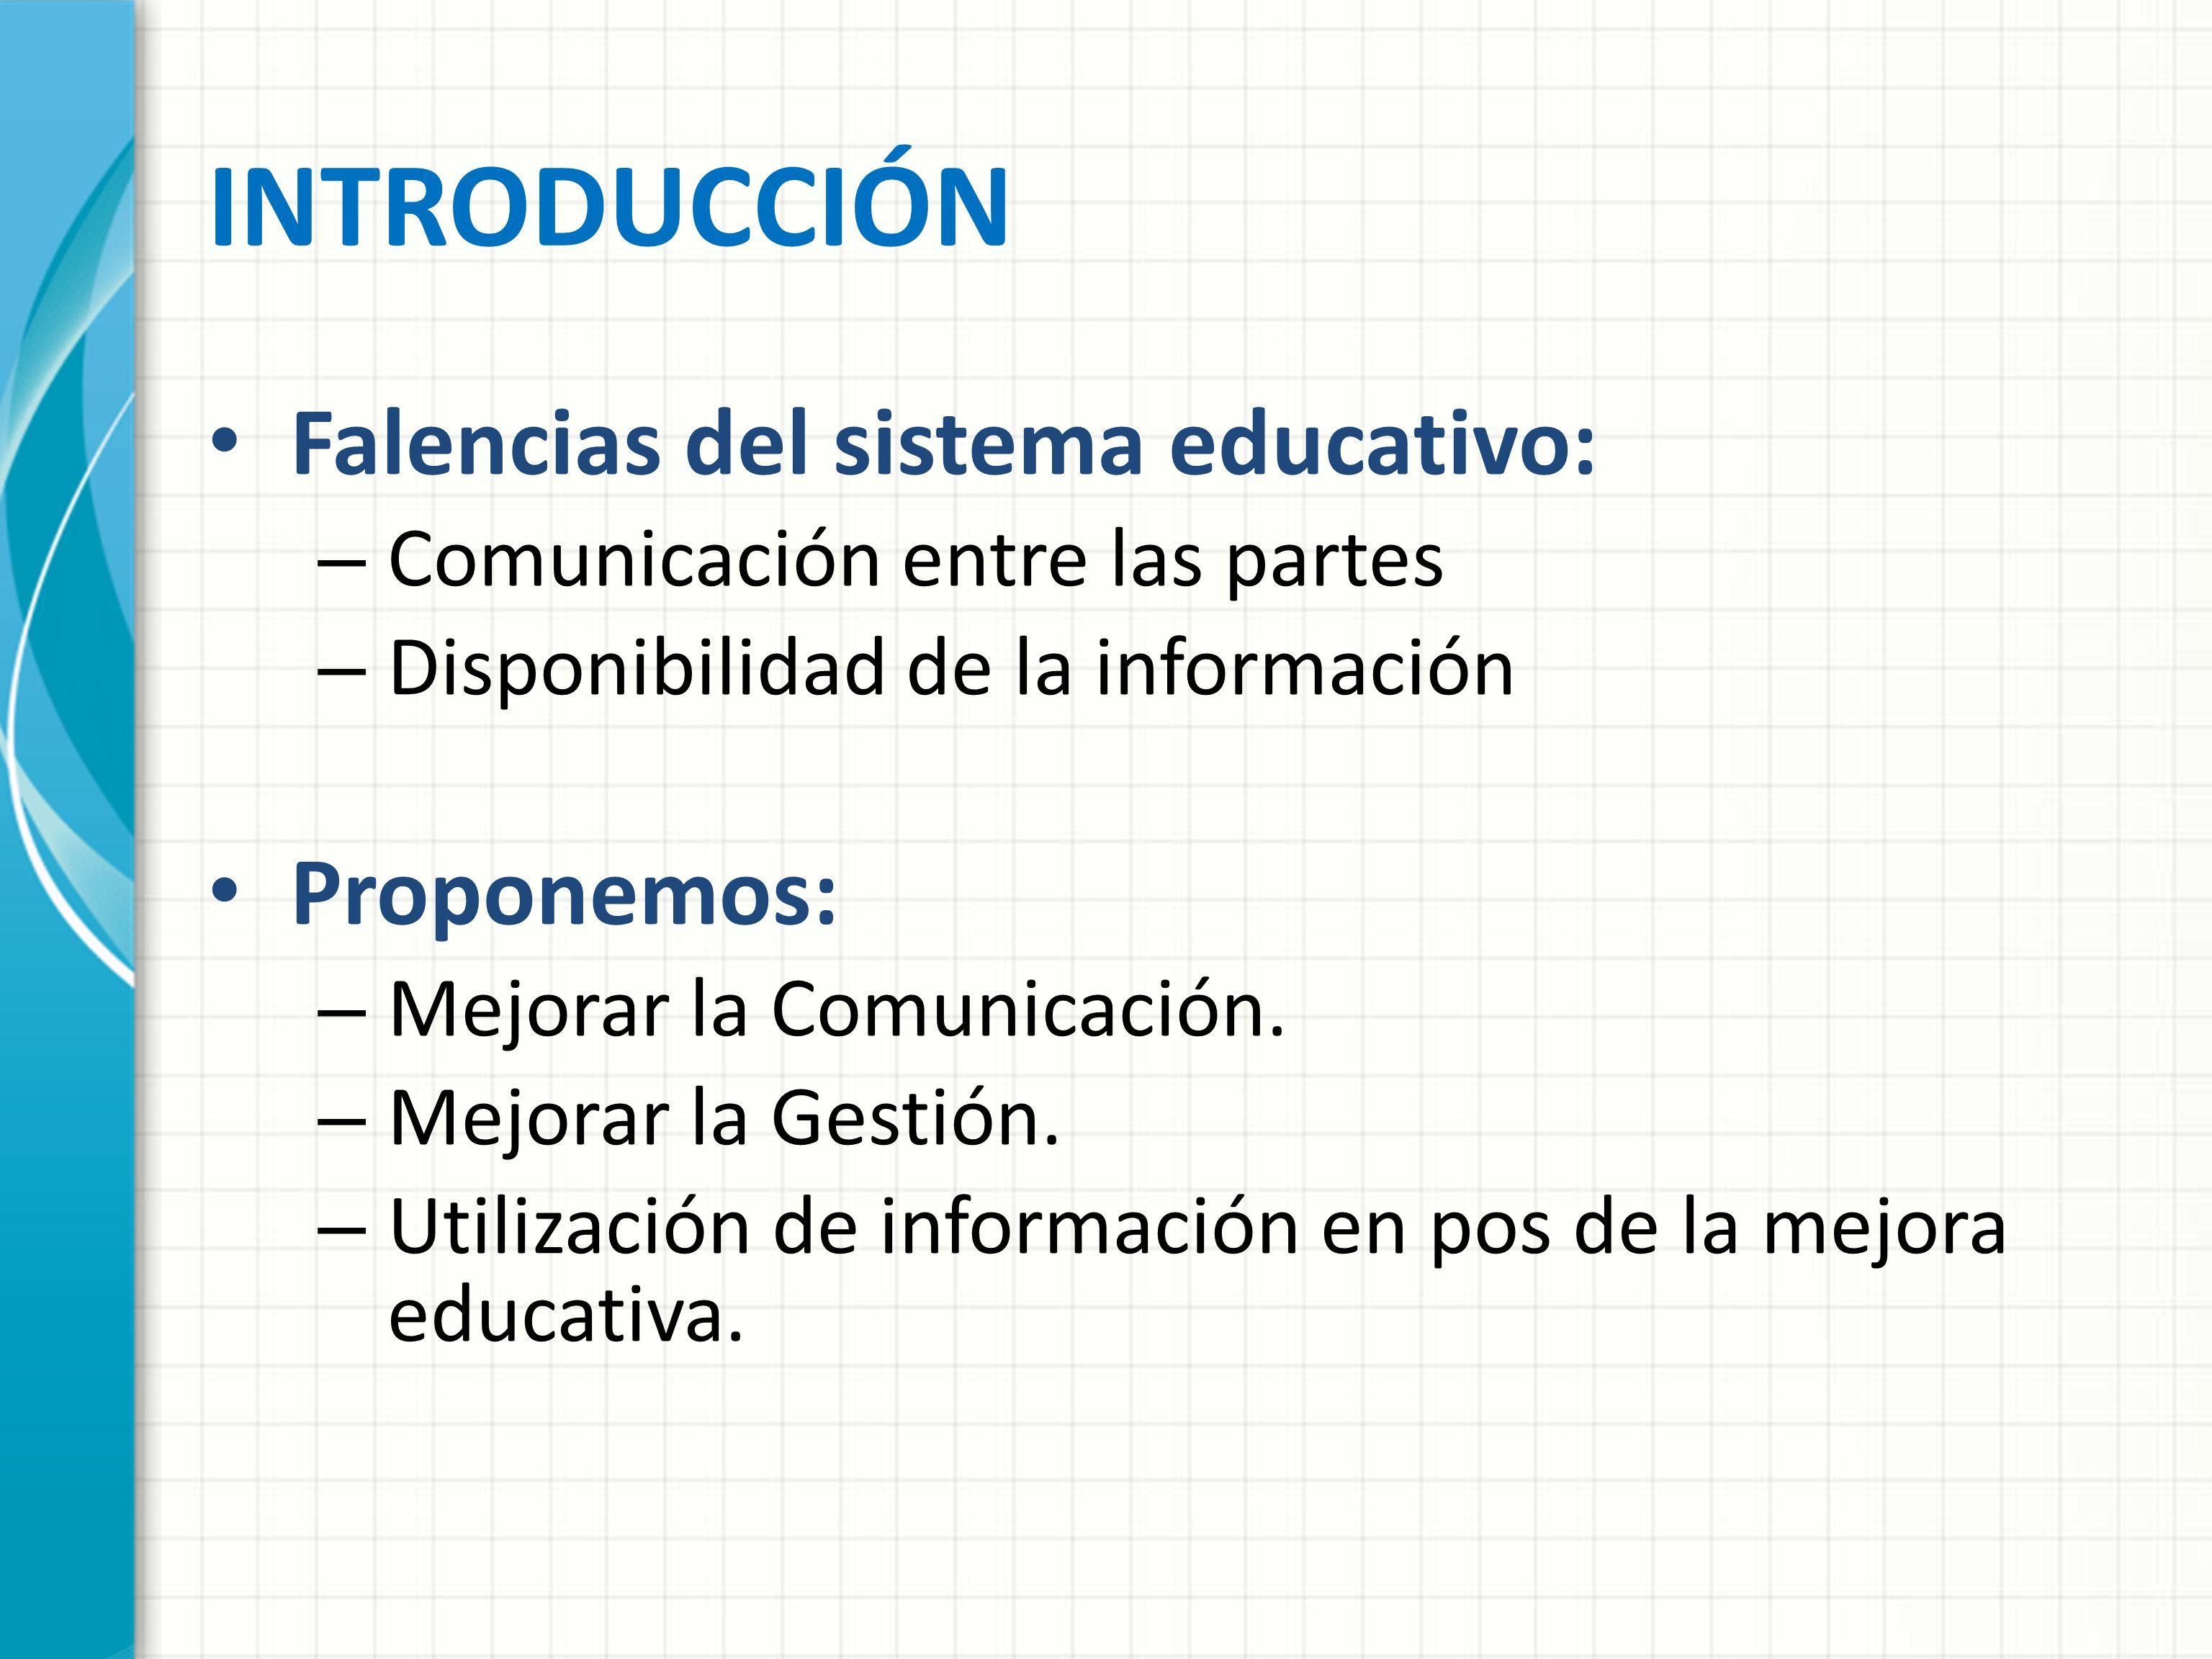 INTRODUCCIÓN Falencias del sistema educativo: – Comunicación entre las partes – Disponibilidad de la información Proponemos: – Mejorar la Comunicación